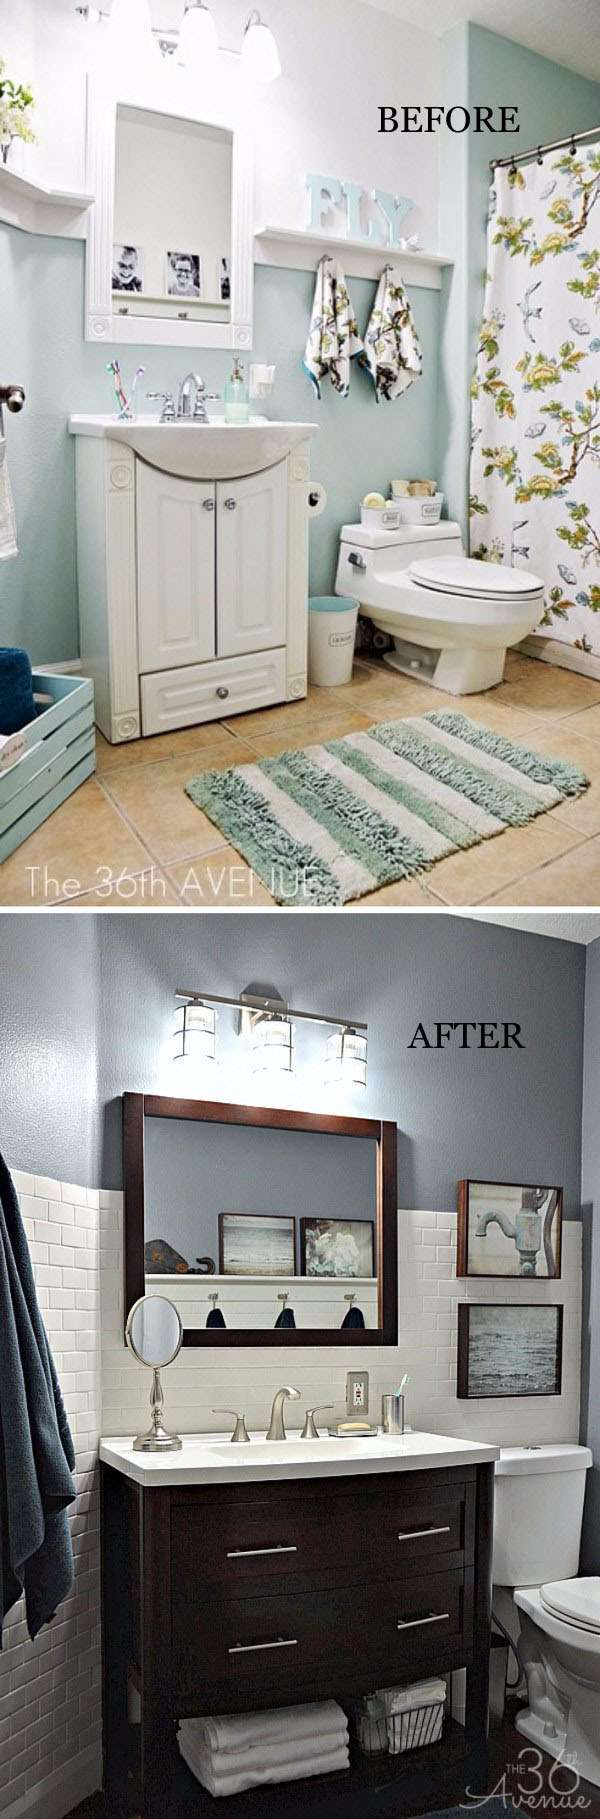 image5-83 | 16 идей преображения старой ванной комнаты